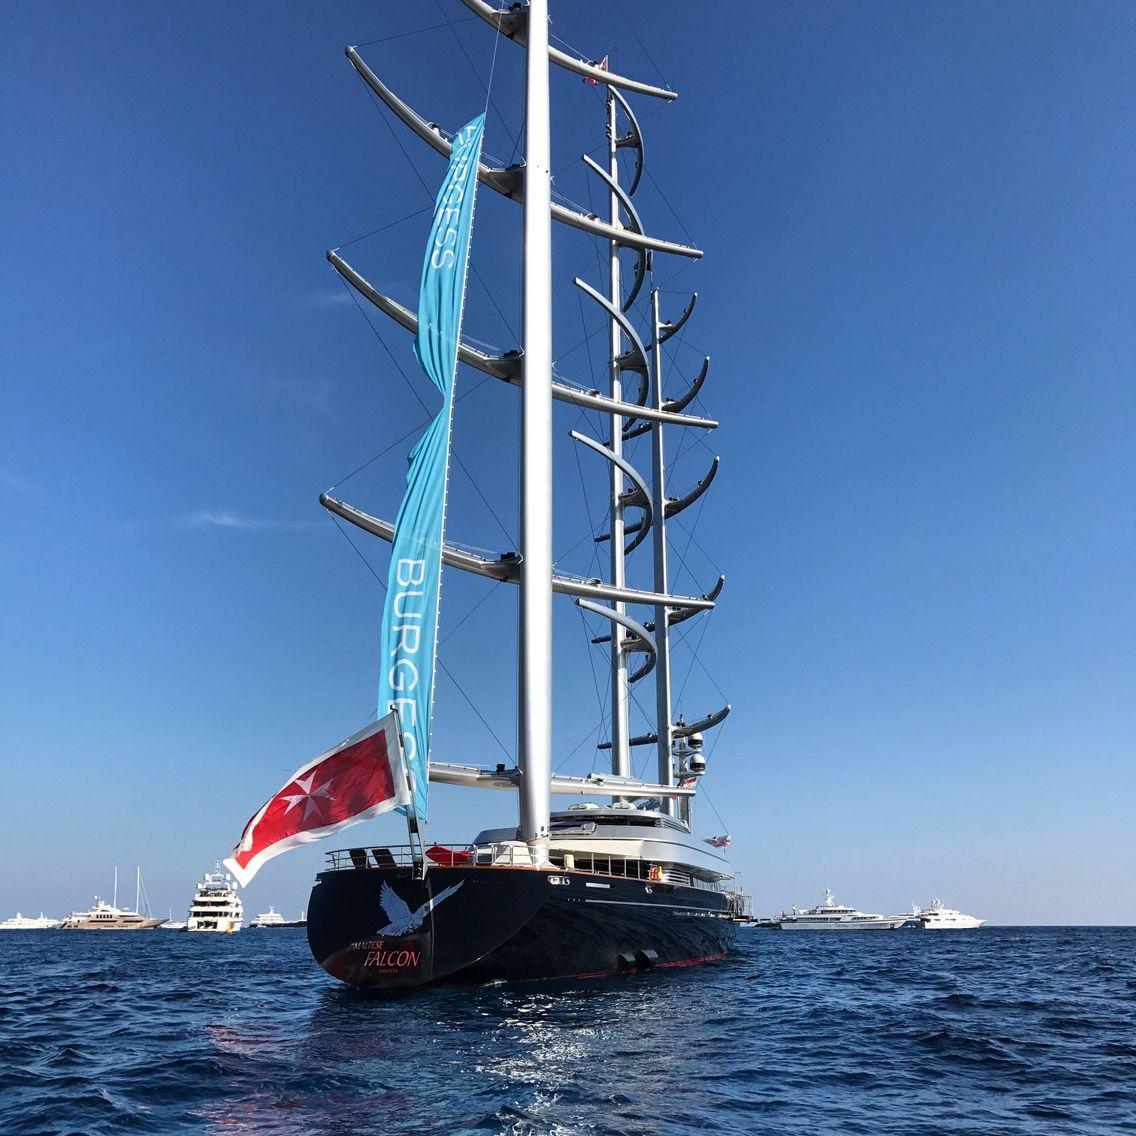 Maltese Falcon Sailing ships, Yacht, Sailing